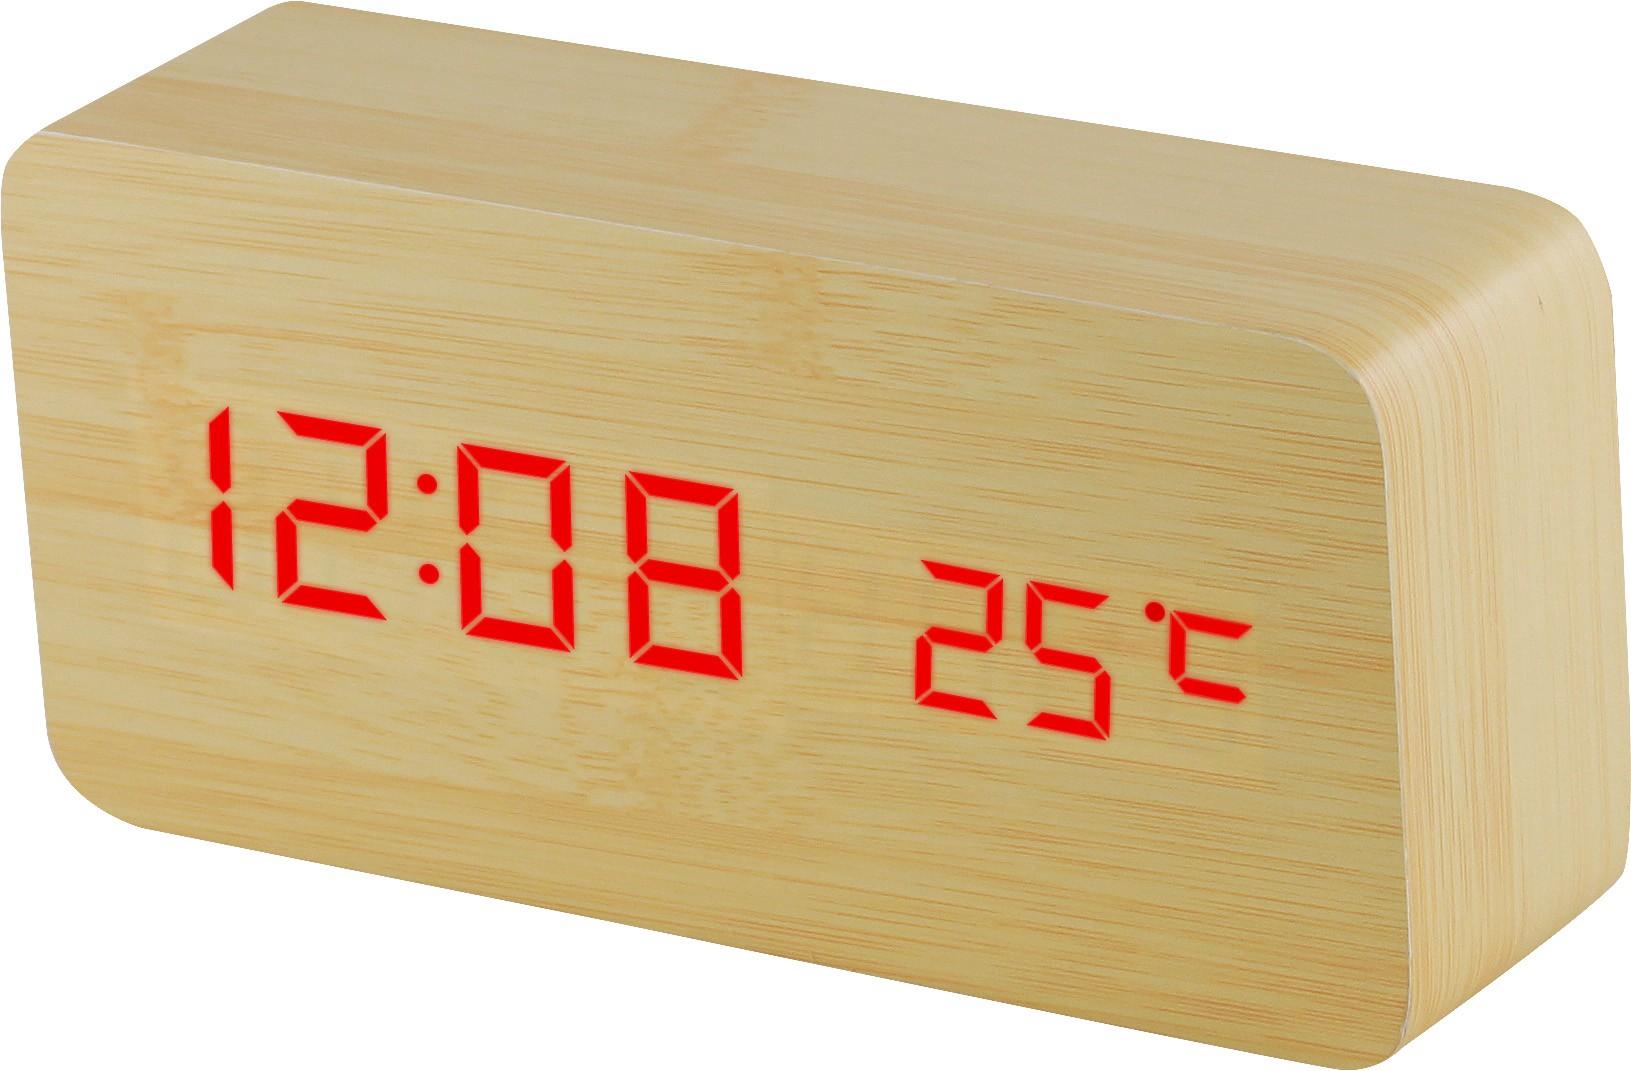 MPM Digitální budík s červenými LED diodami v dřevěném vzhledu C02.3564 RED LED